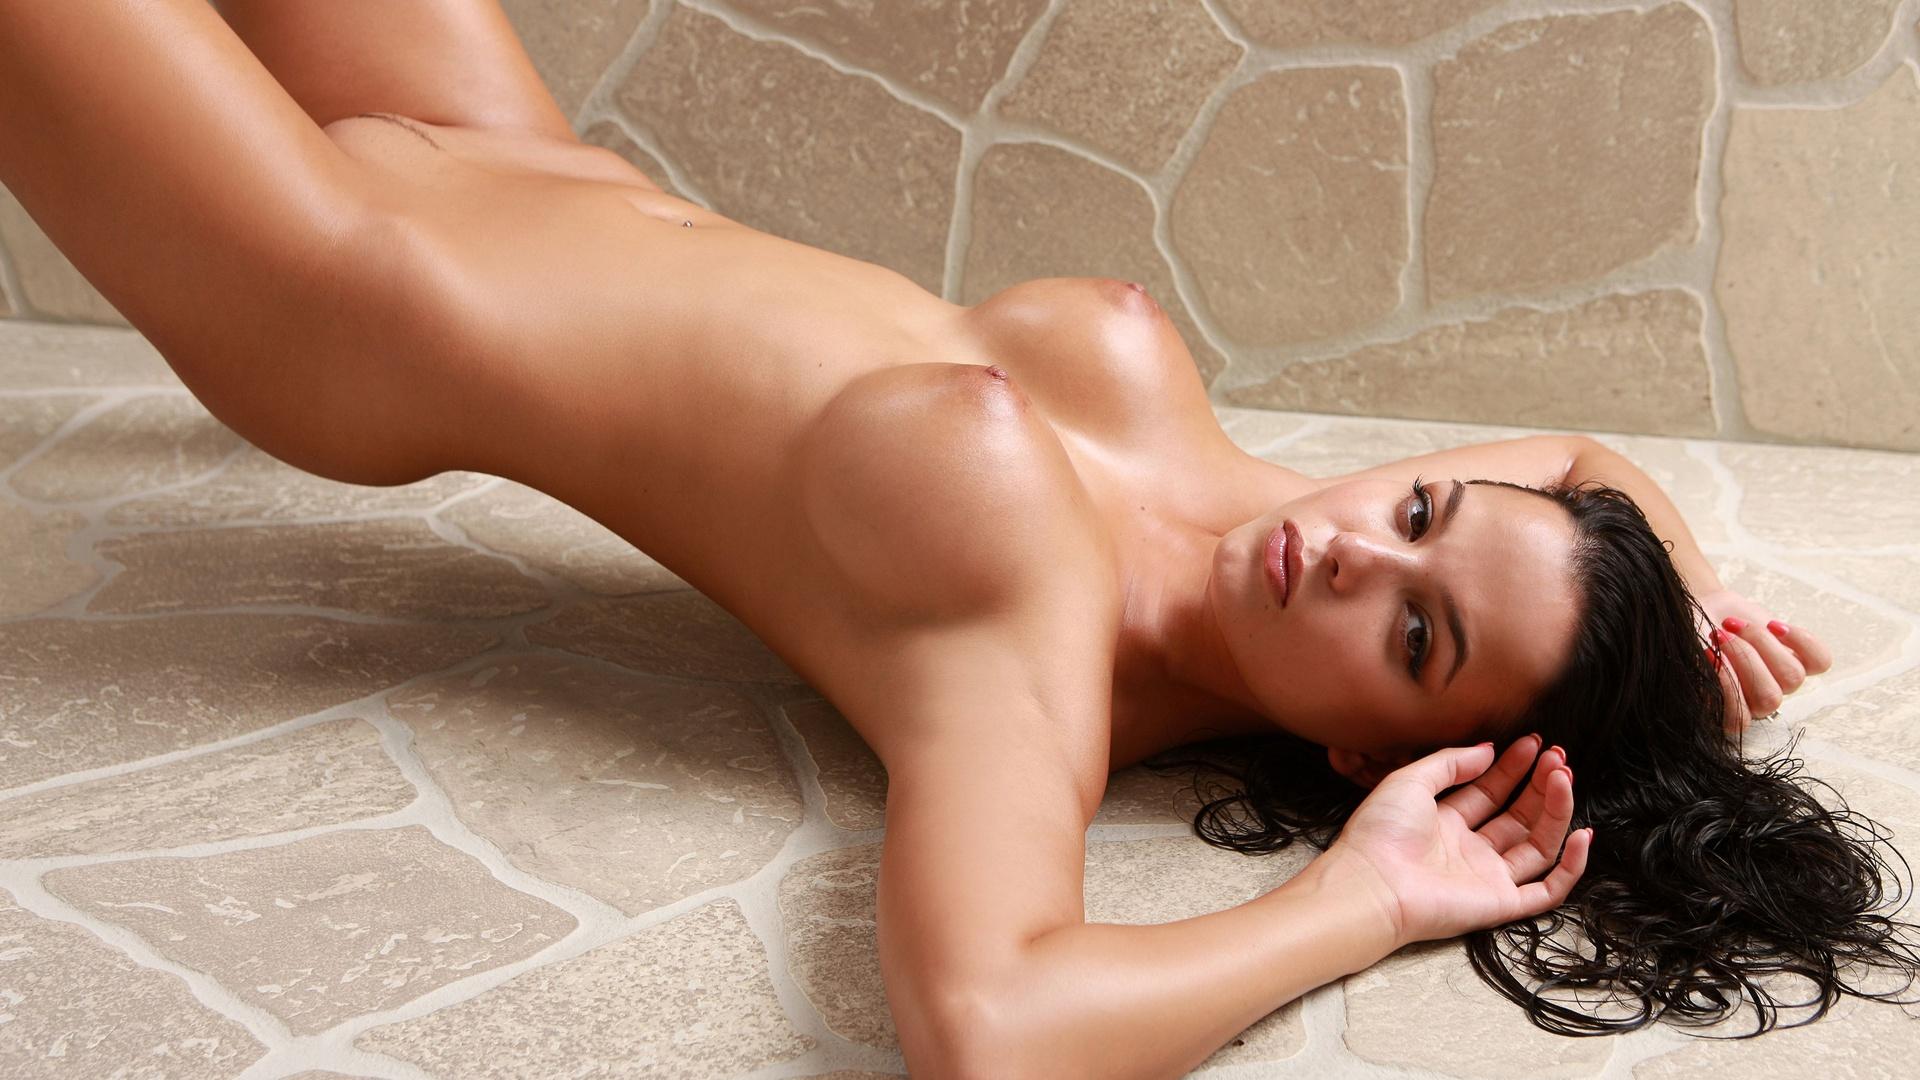 Порно красивую брюнетку поставили на колени и дали за щеку долгих